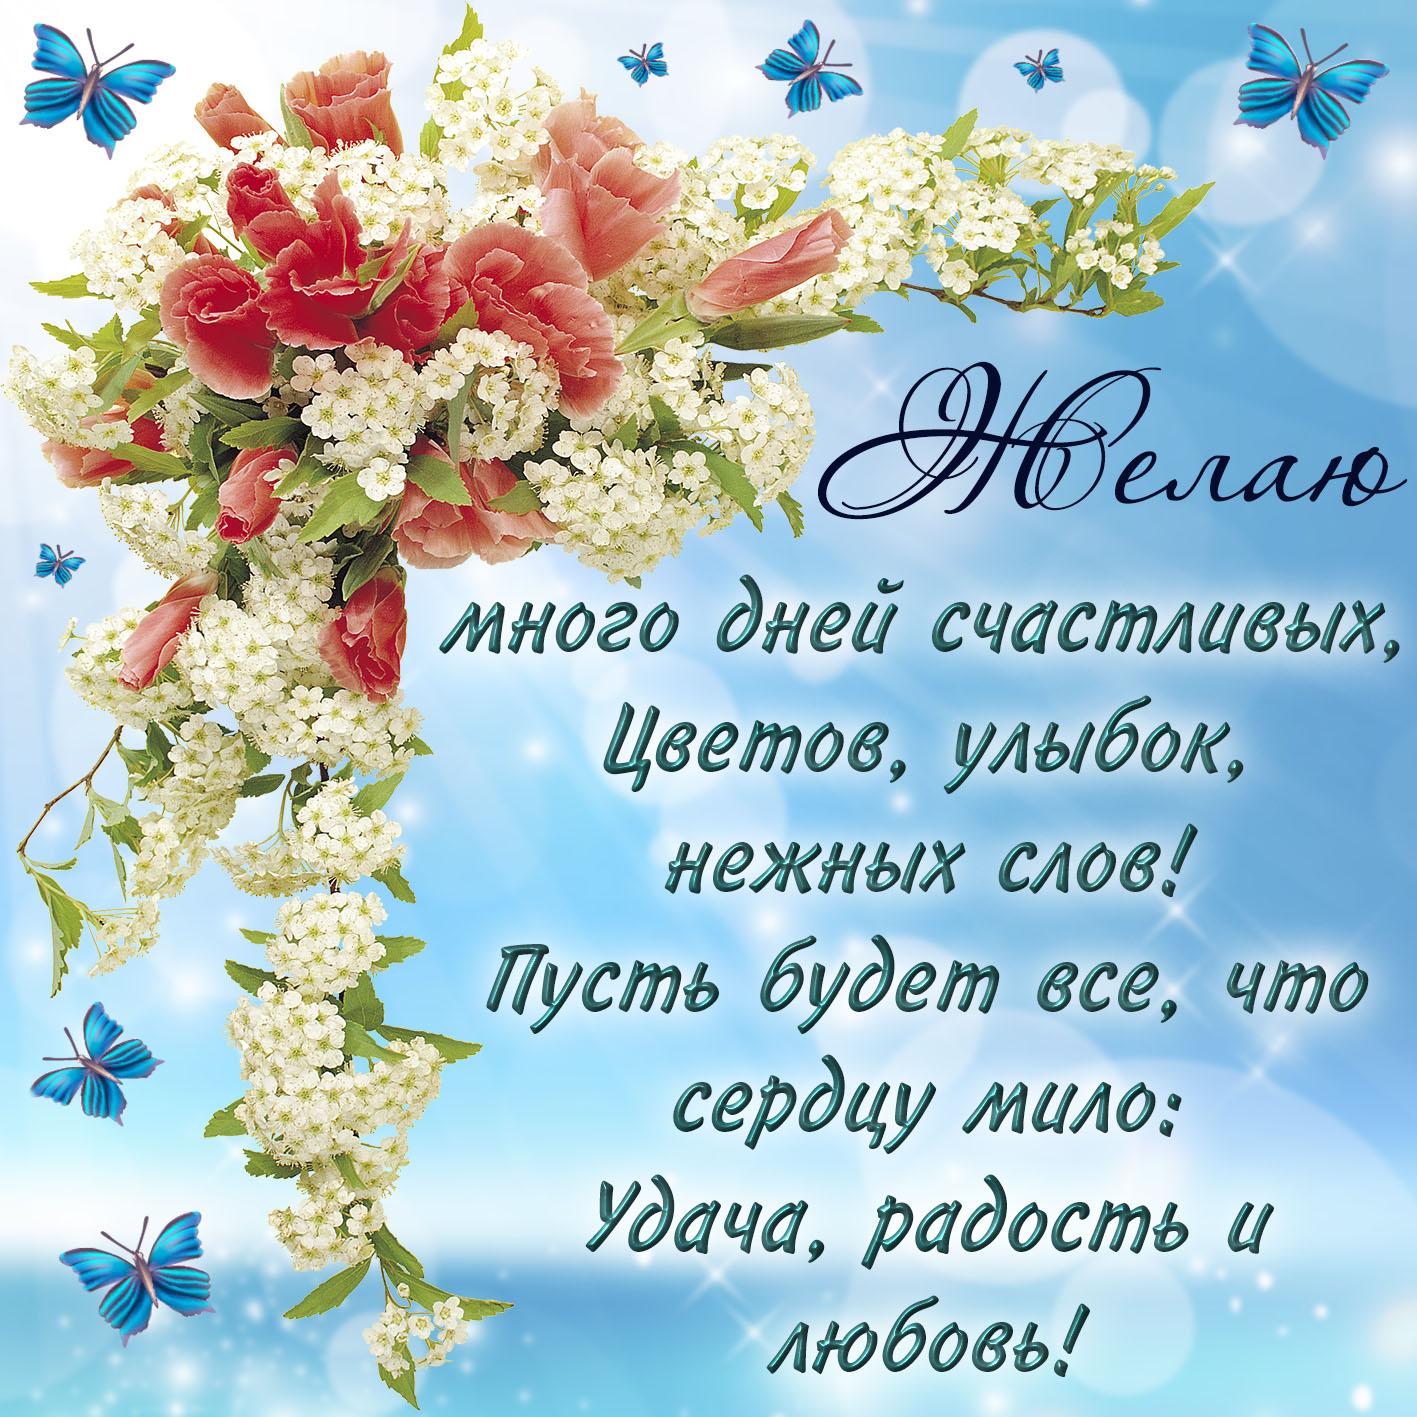 Открытка - красивое пожелание и букетик цветов